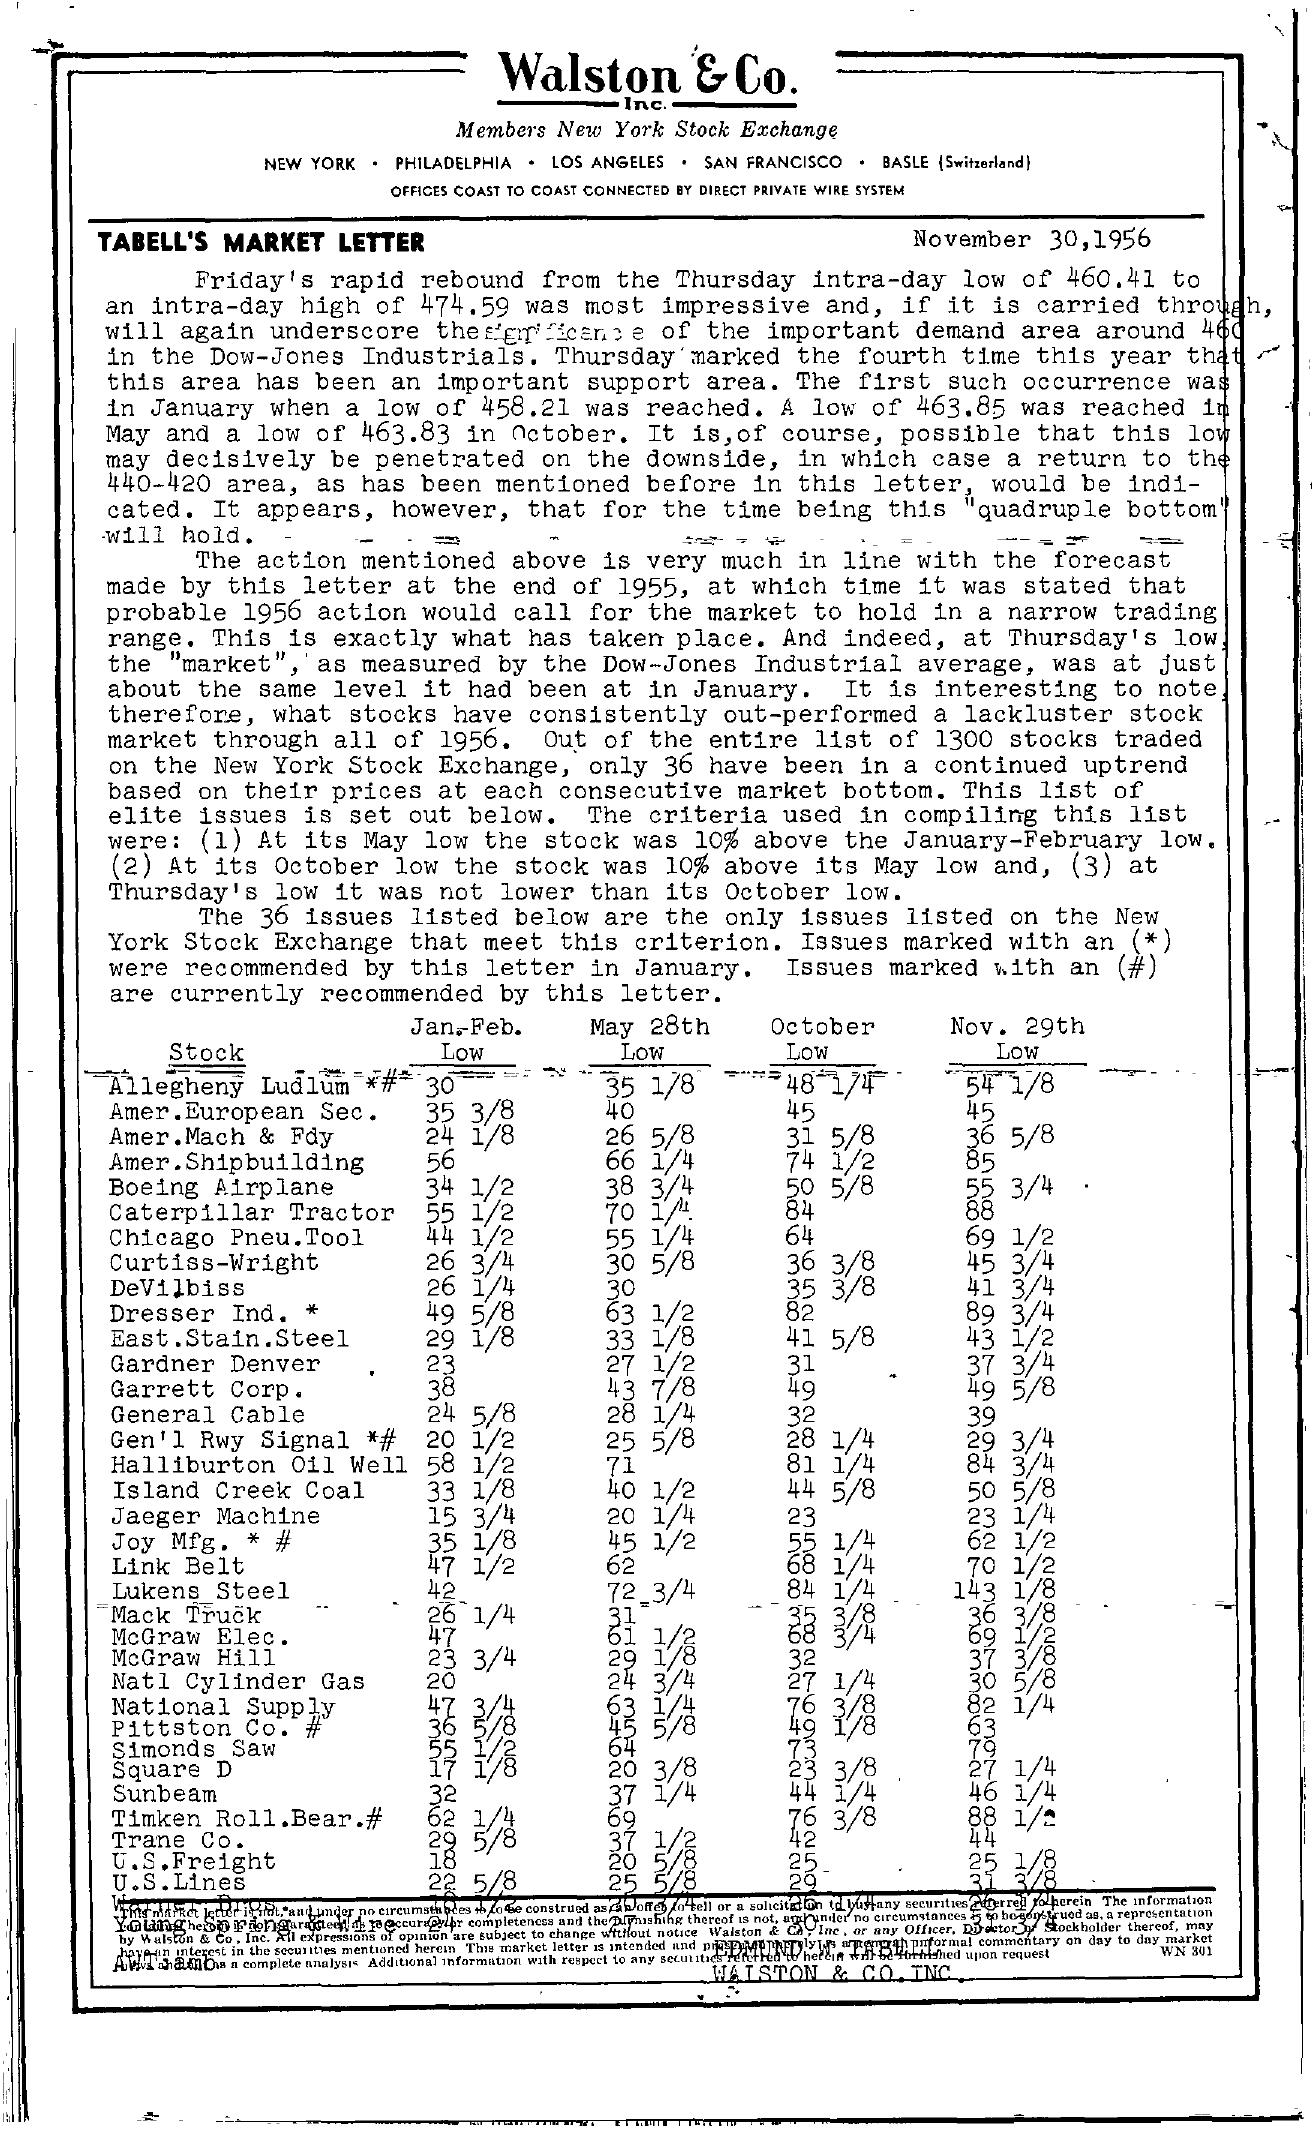 Tabell's Market Letter - November 30, 1956